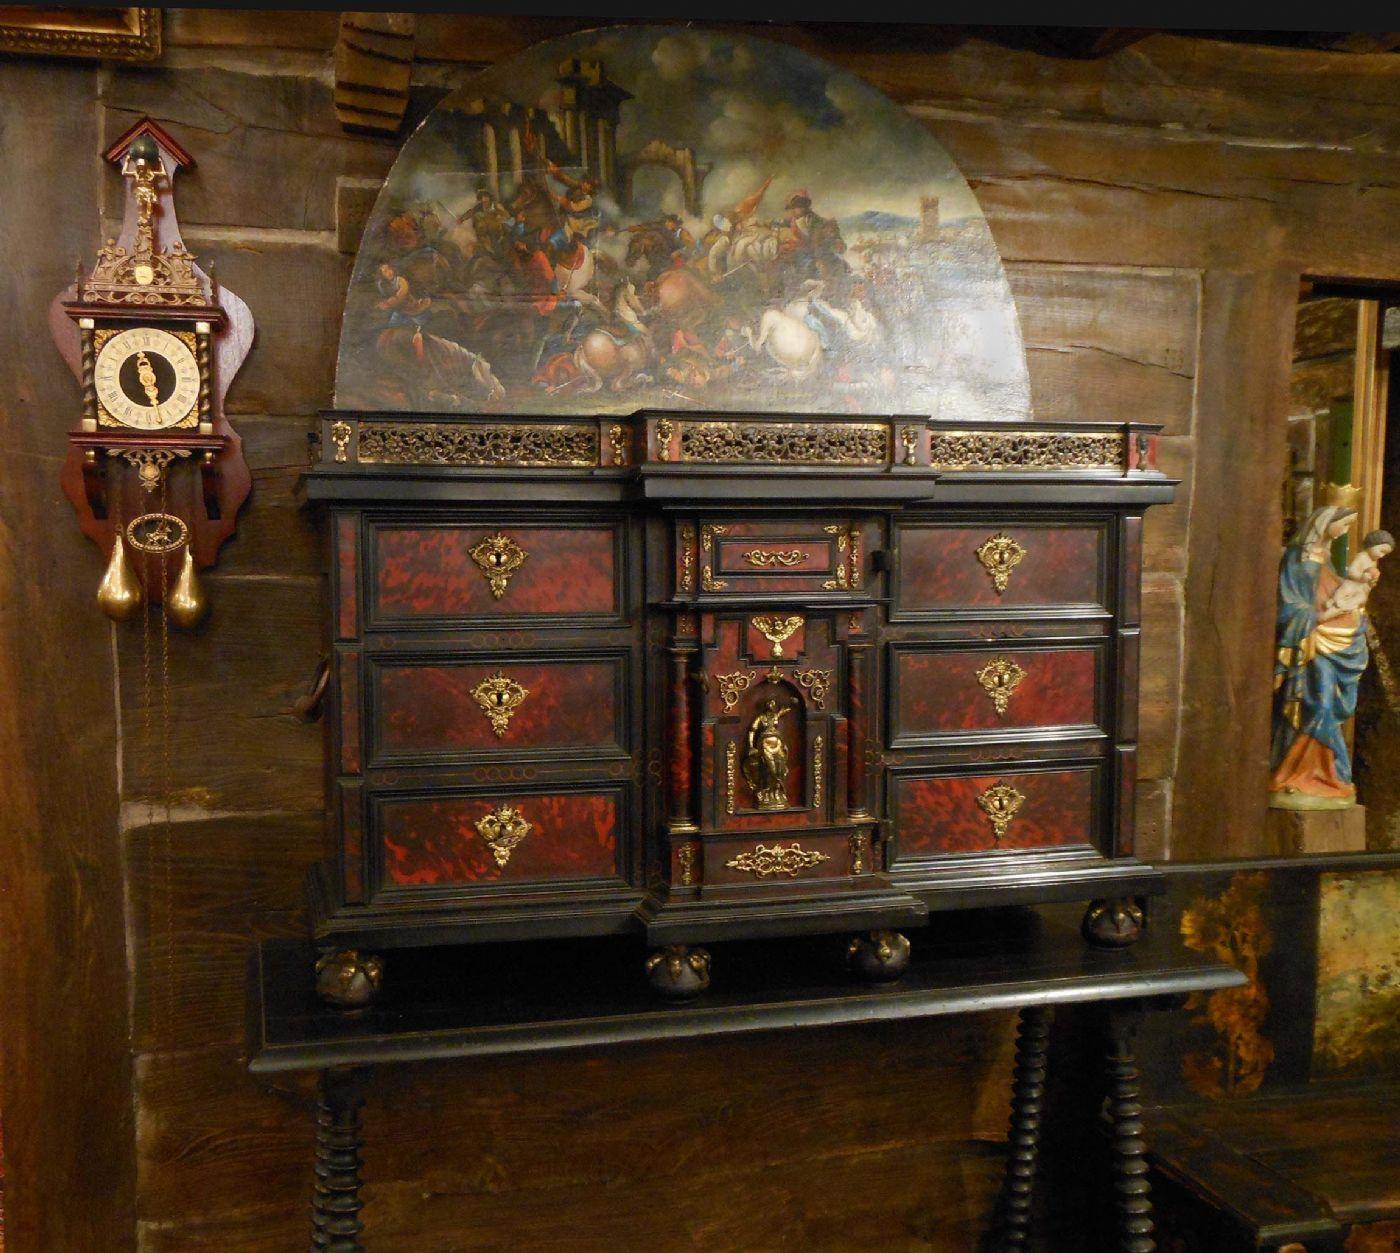 Raffinato stipo cabinet o monetiere di inizio settecento antiquariato su anticoantico - Immagini mobili antichi ...